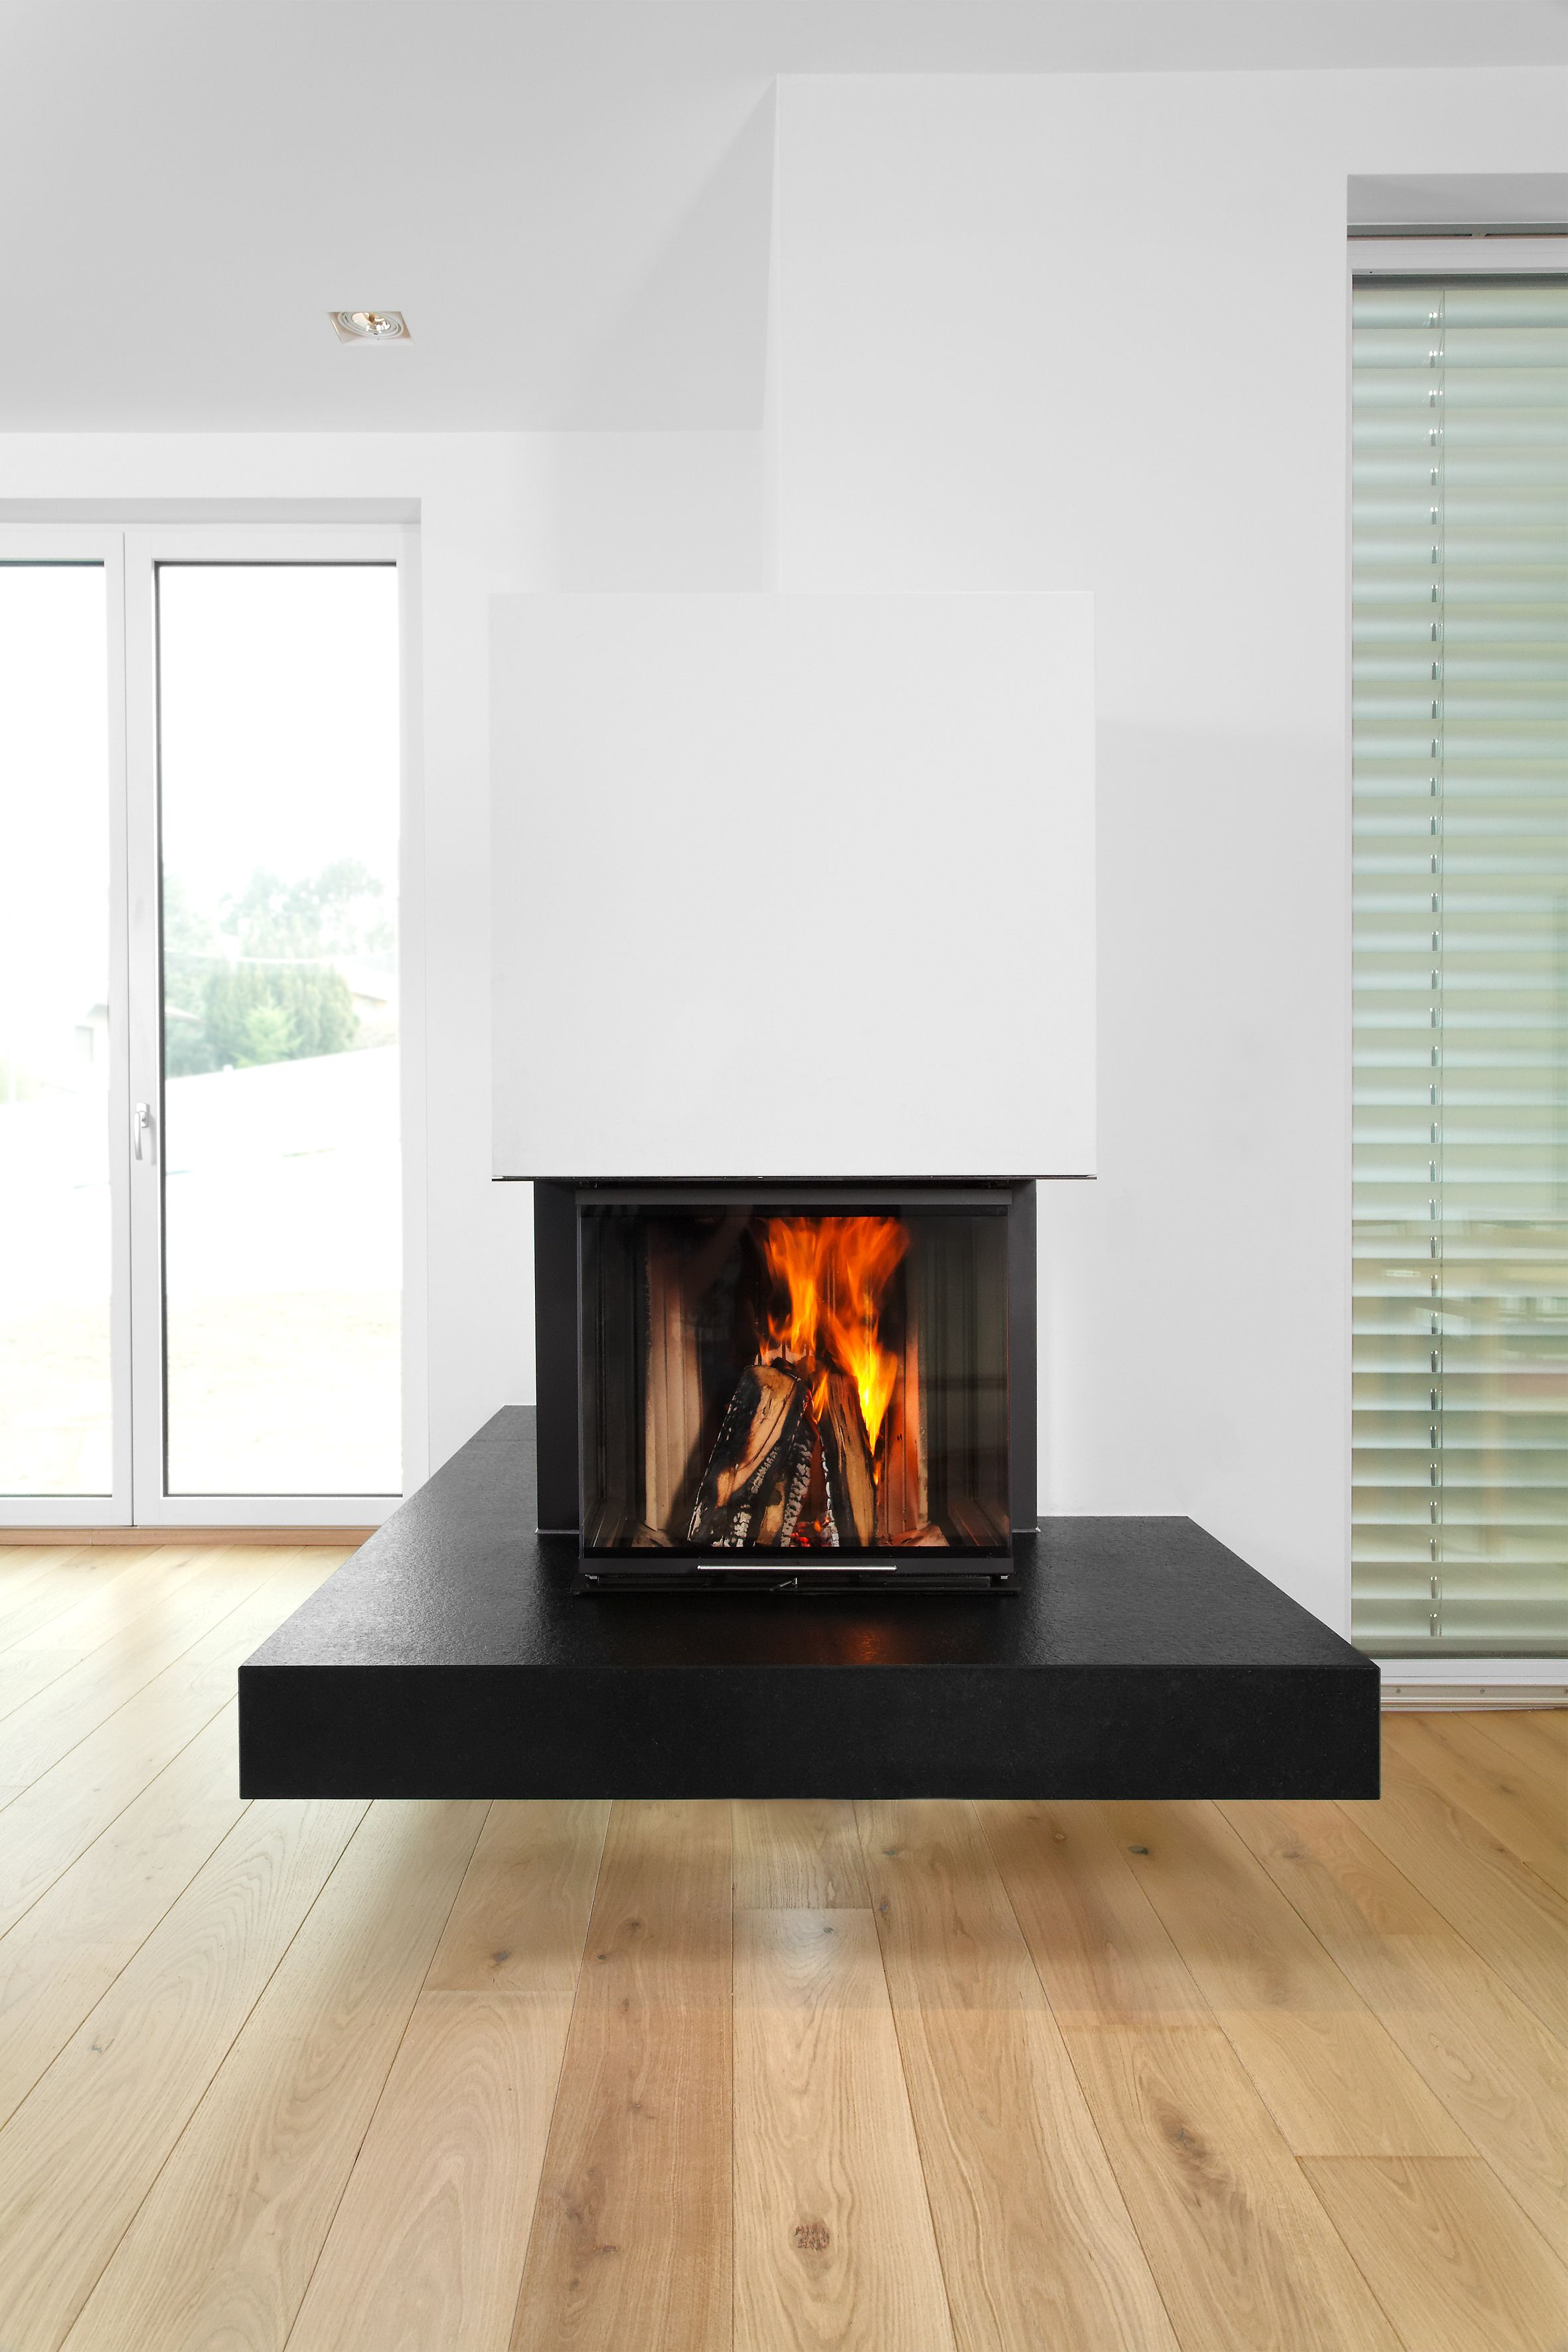 brunner schwebender kamin k nigsart schlicht mit schwarzem feuertisch und wei em putz. Black Bedroom Furniture Sets. Home Design Ideas